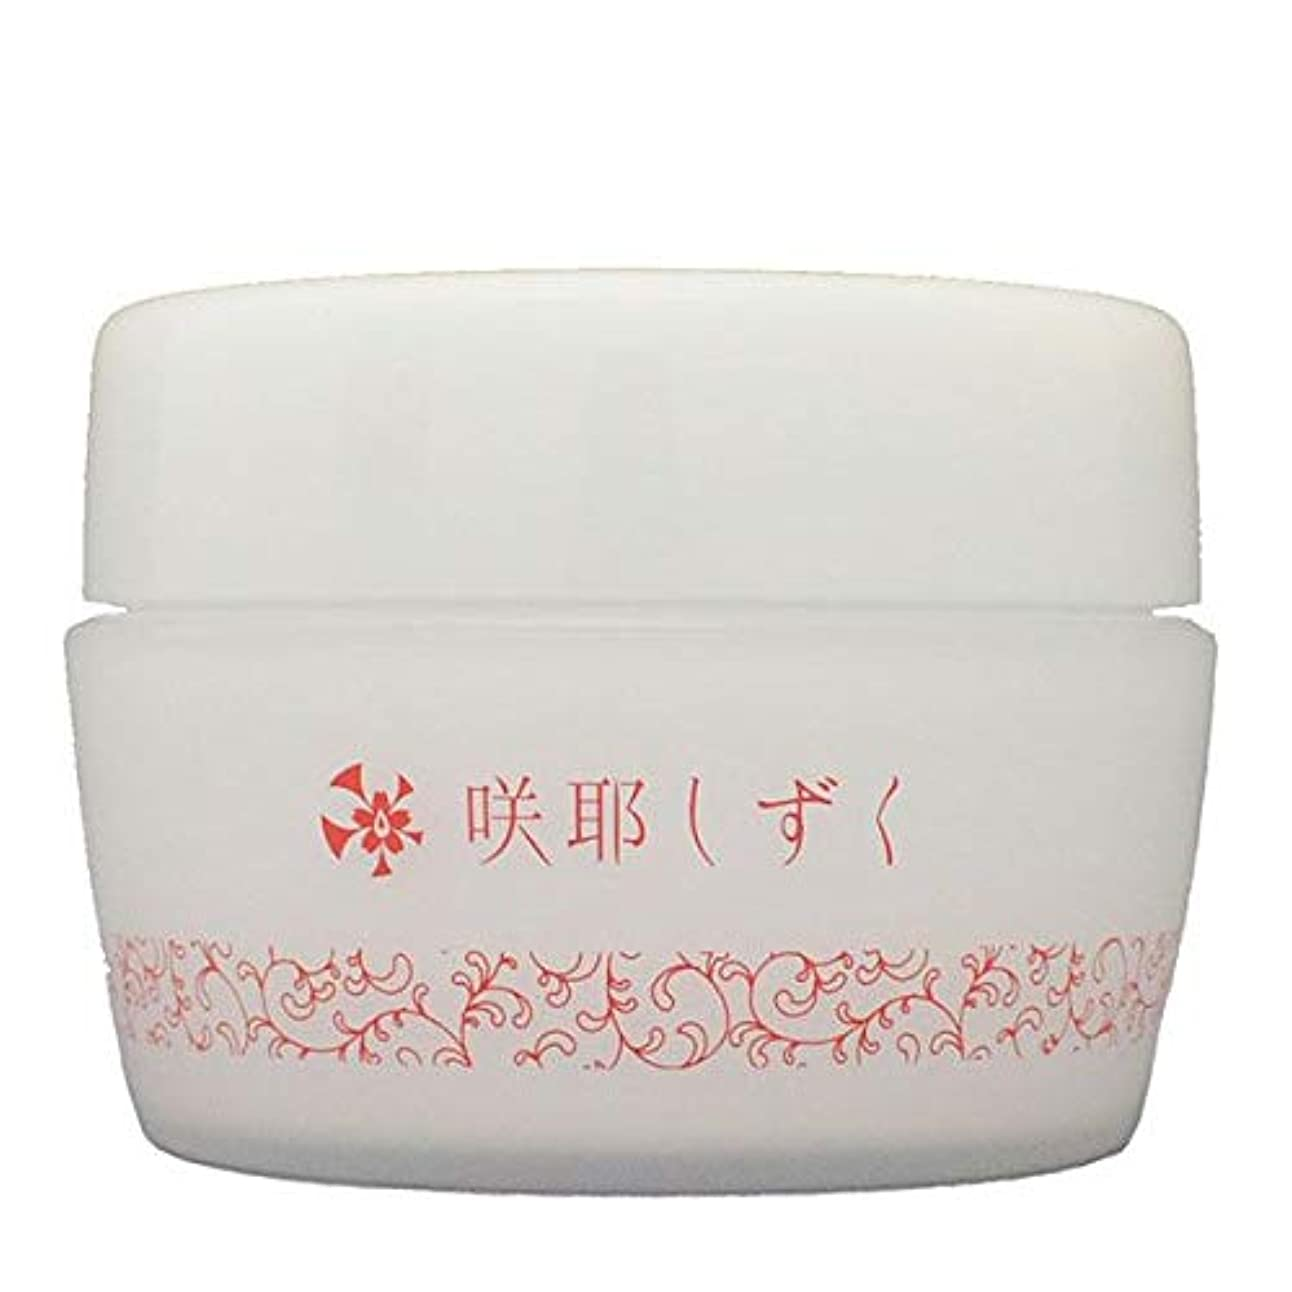 一般化する一貫した洋服咲耶しずく クリーム 乾燥肌 さくやしずく 敏感肌 エムズジャパン M's Japan ms-sge01